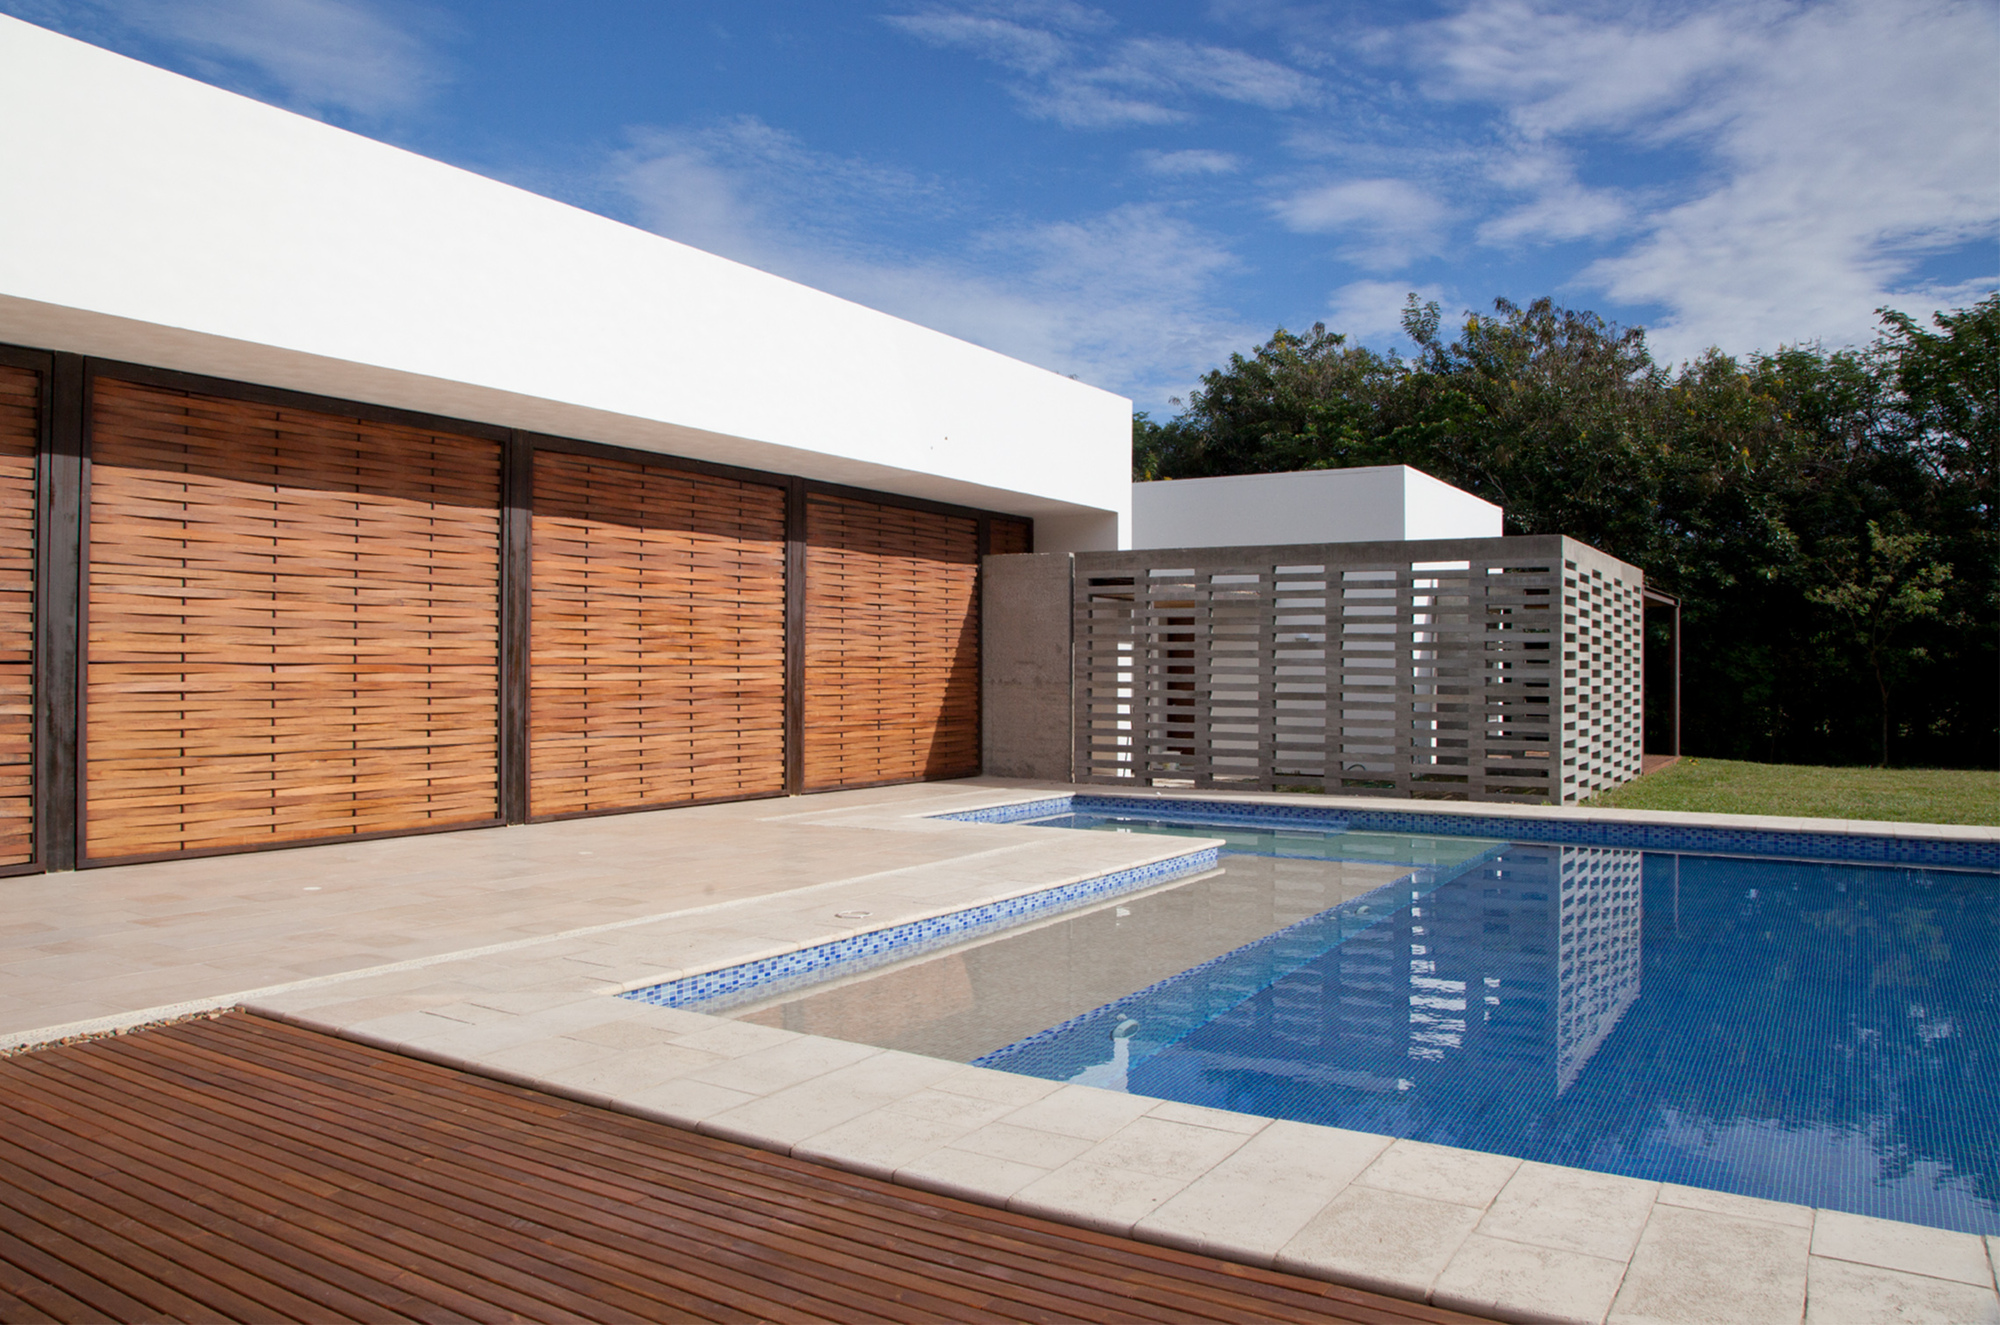 Condominio el paso de la carrera cavanzo arquitectura for Carreras de arquitectura